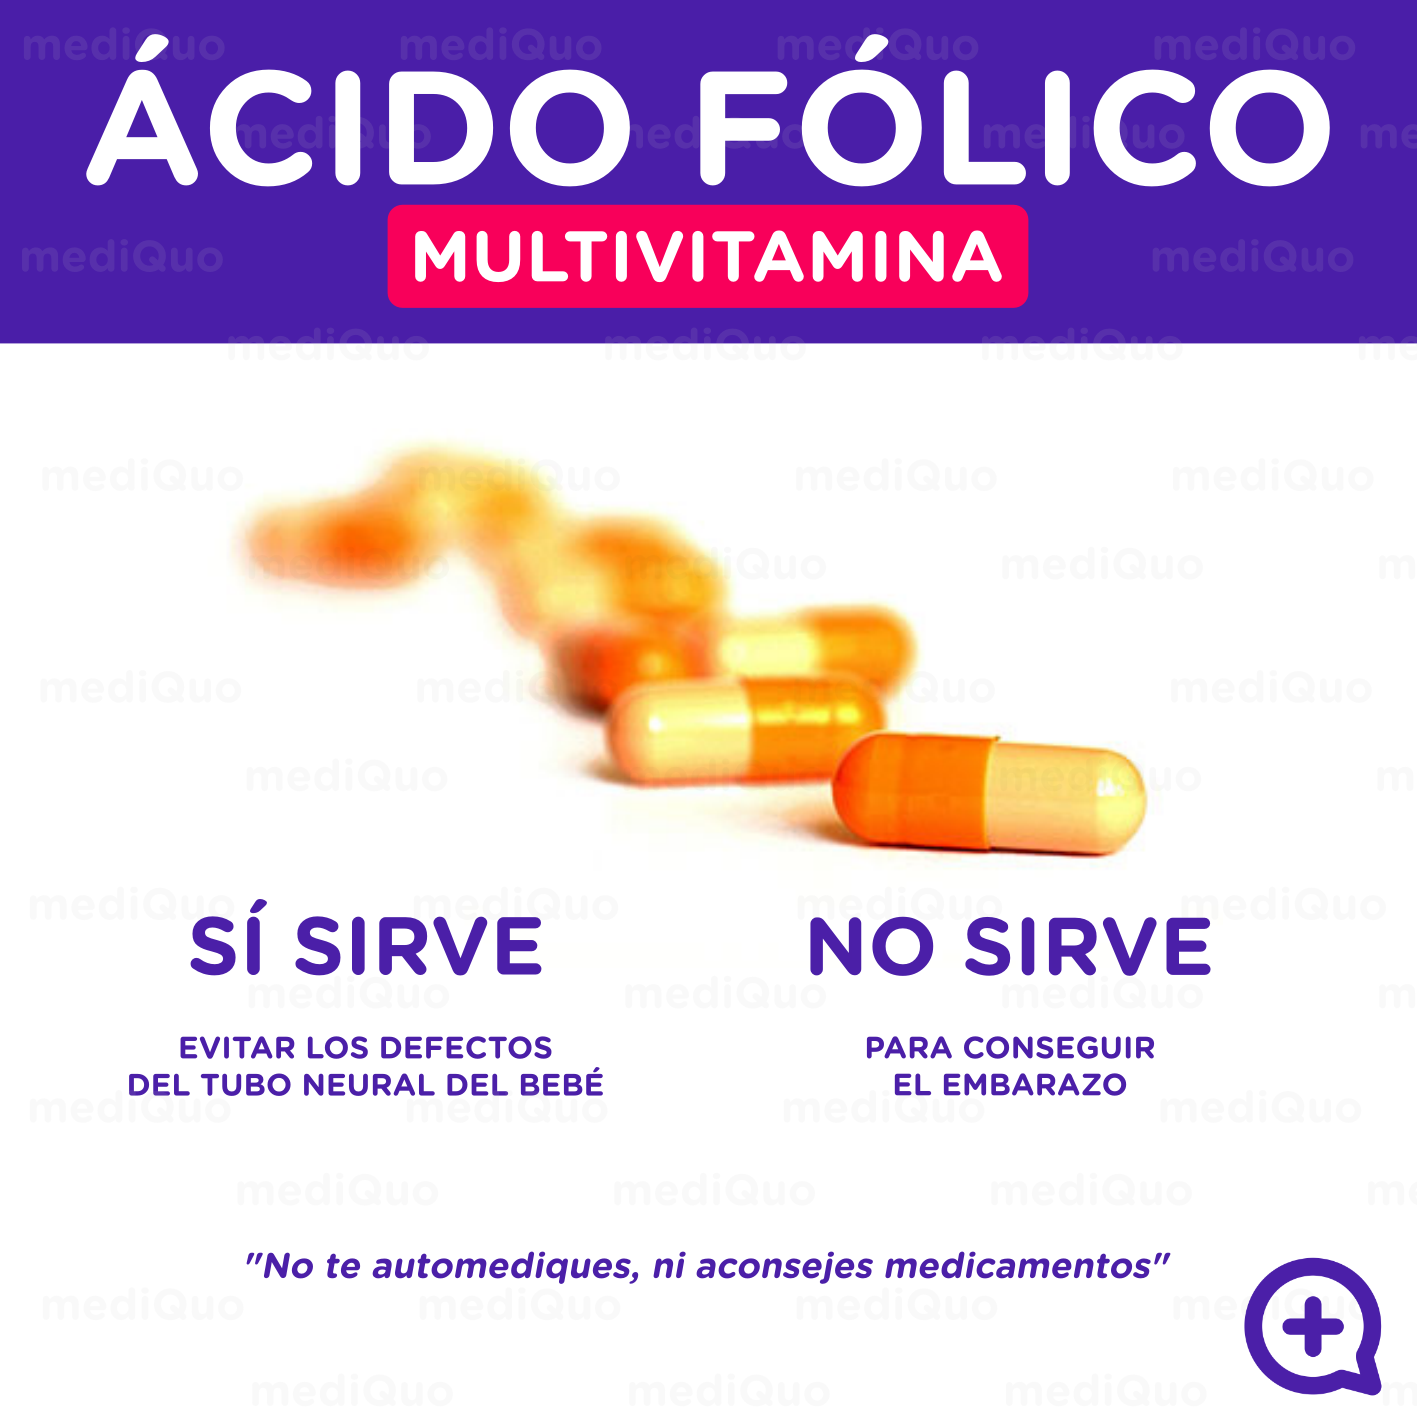 Infografías_ÁCIDO FÓLICO_mediquo